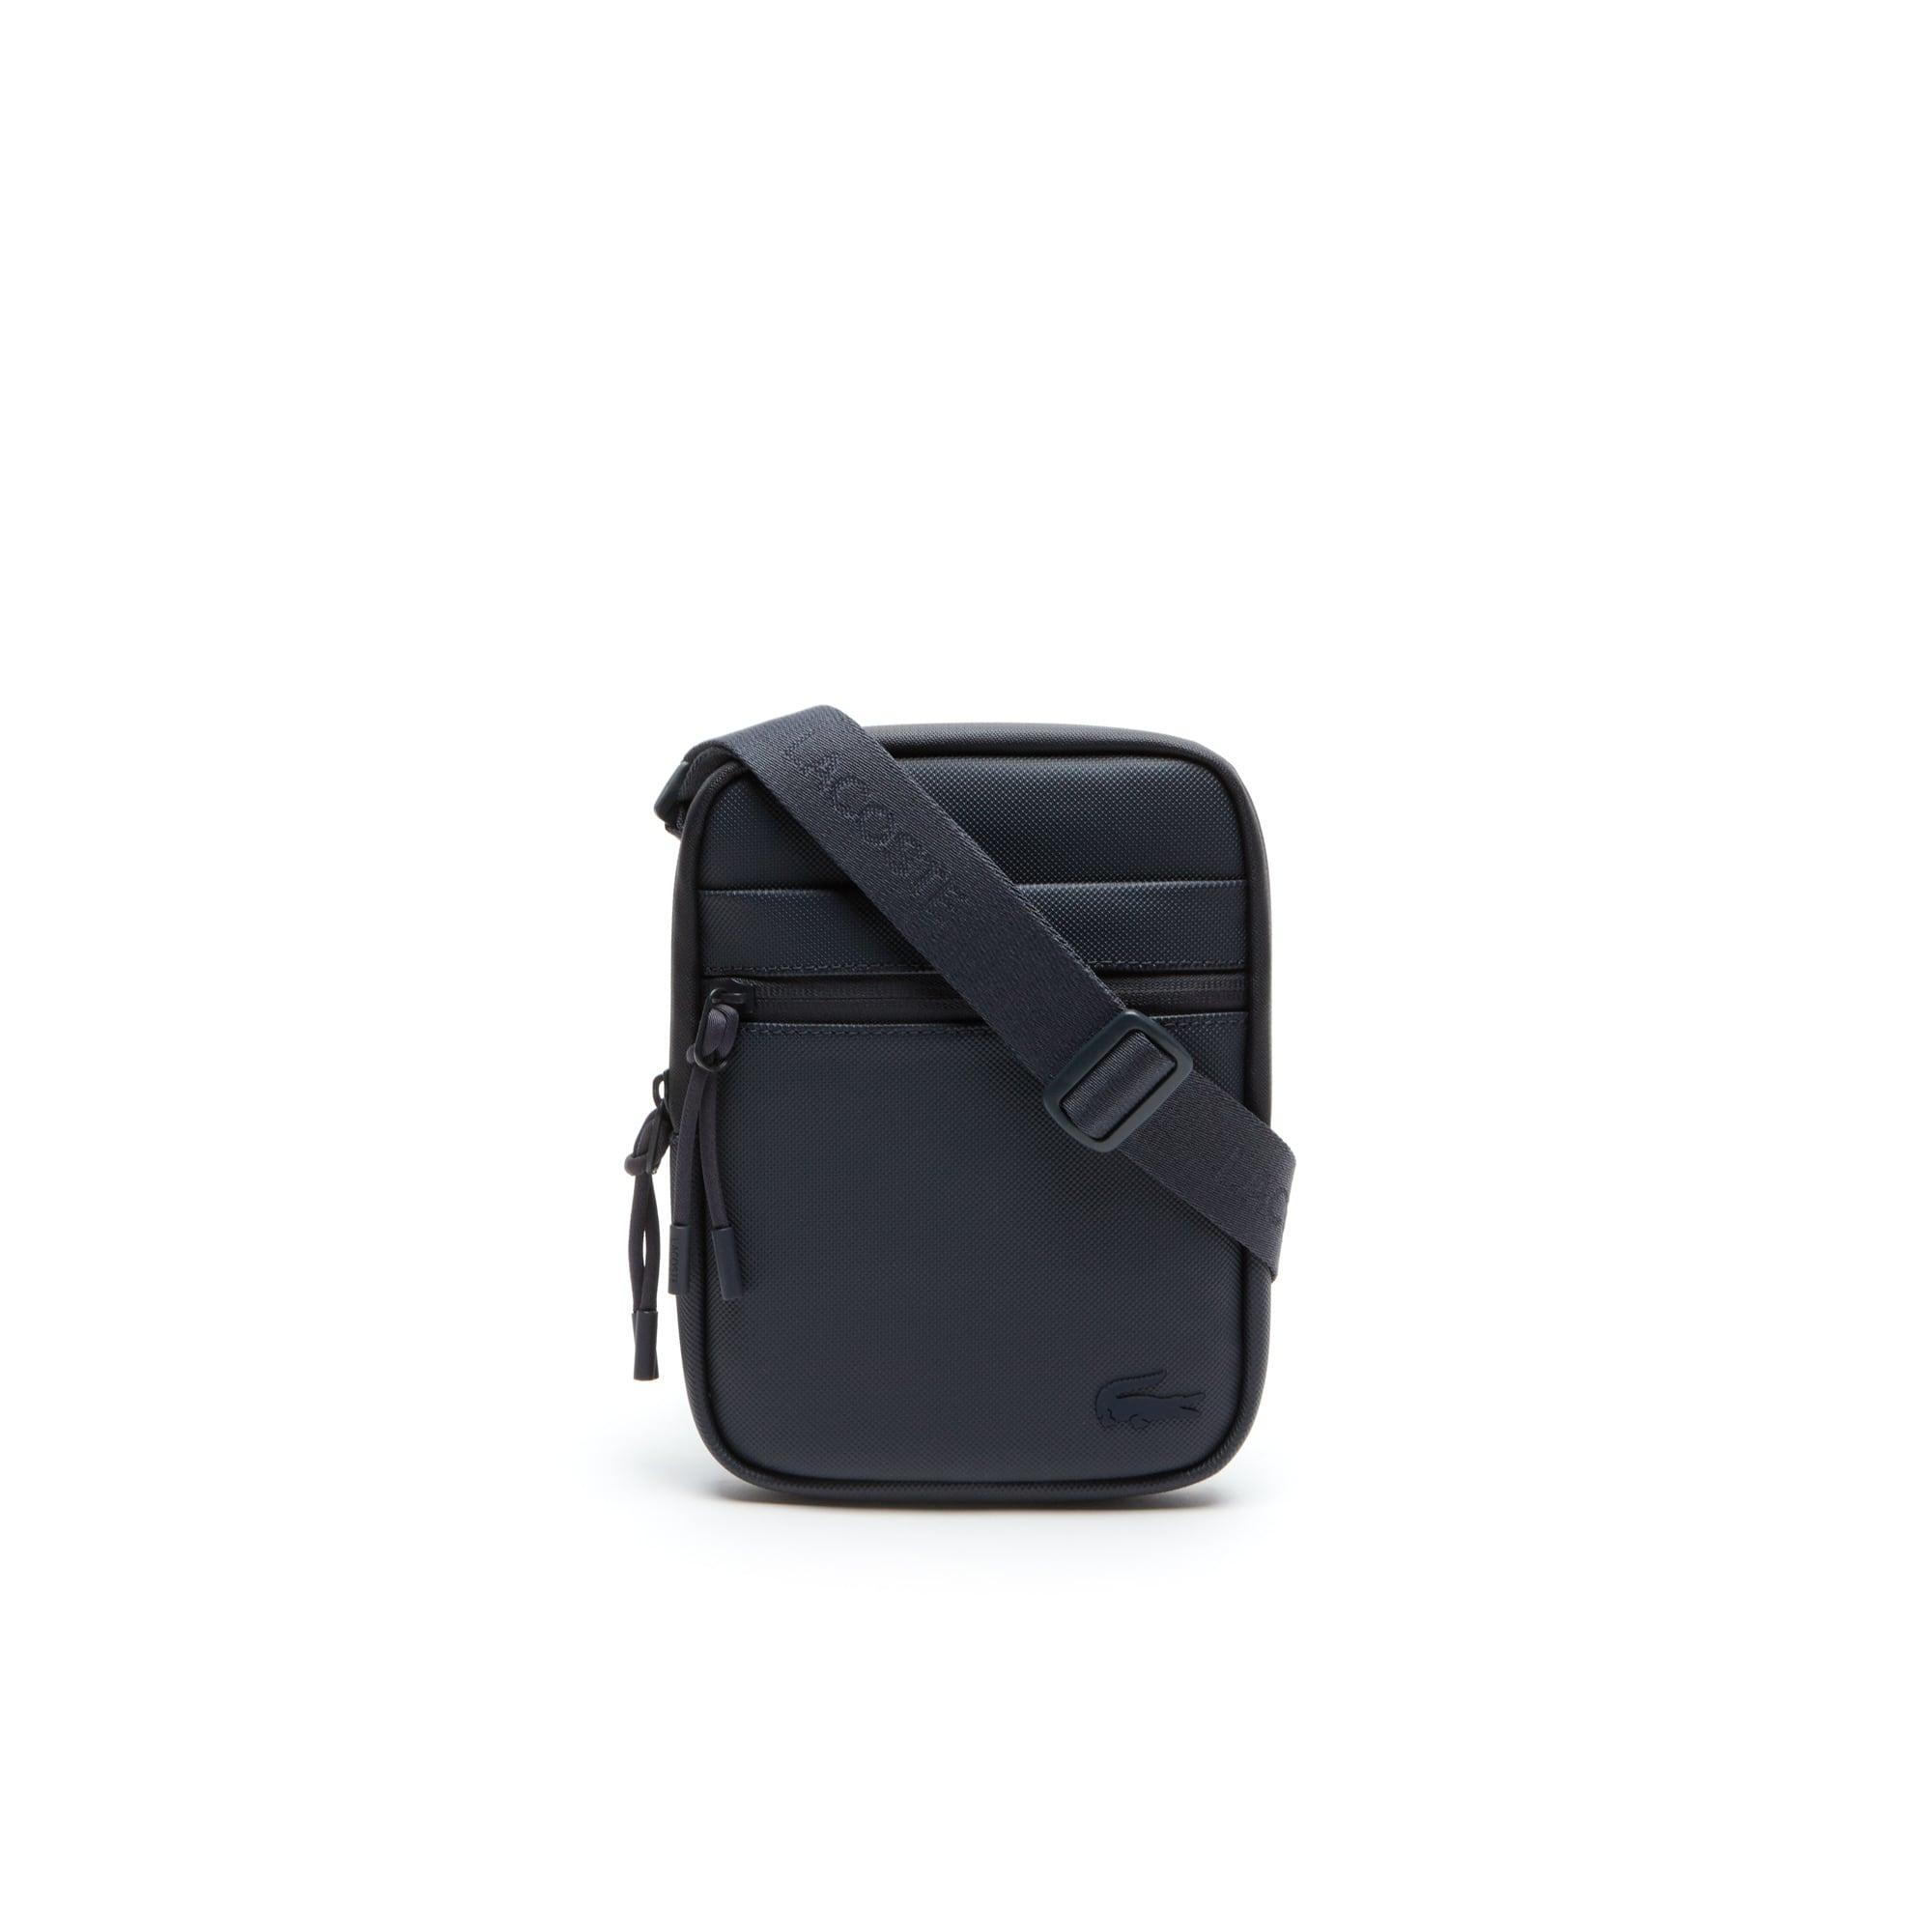 Petite sacoche plate zippée L.12.12 Concept petit piqué uni